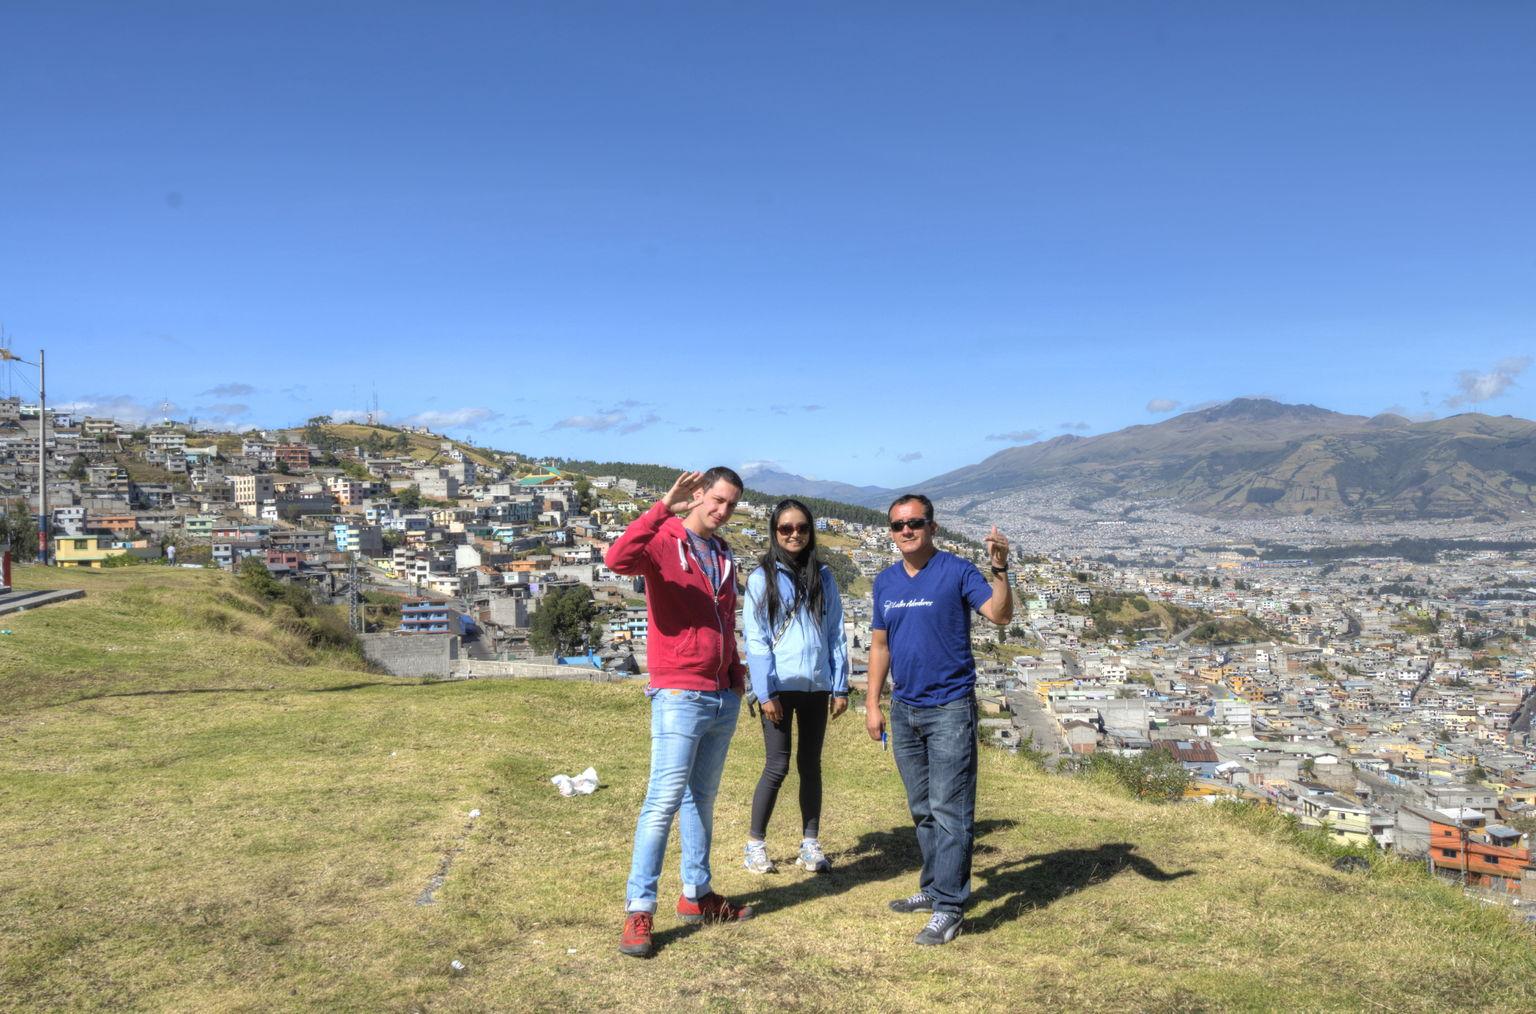 MÁS FOTOS, Salidas todos los días: recorridos para grupos pequeños al volcán Cotopaxi desde Quito